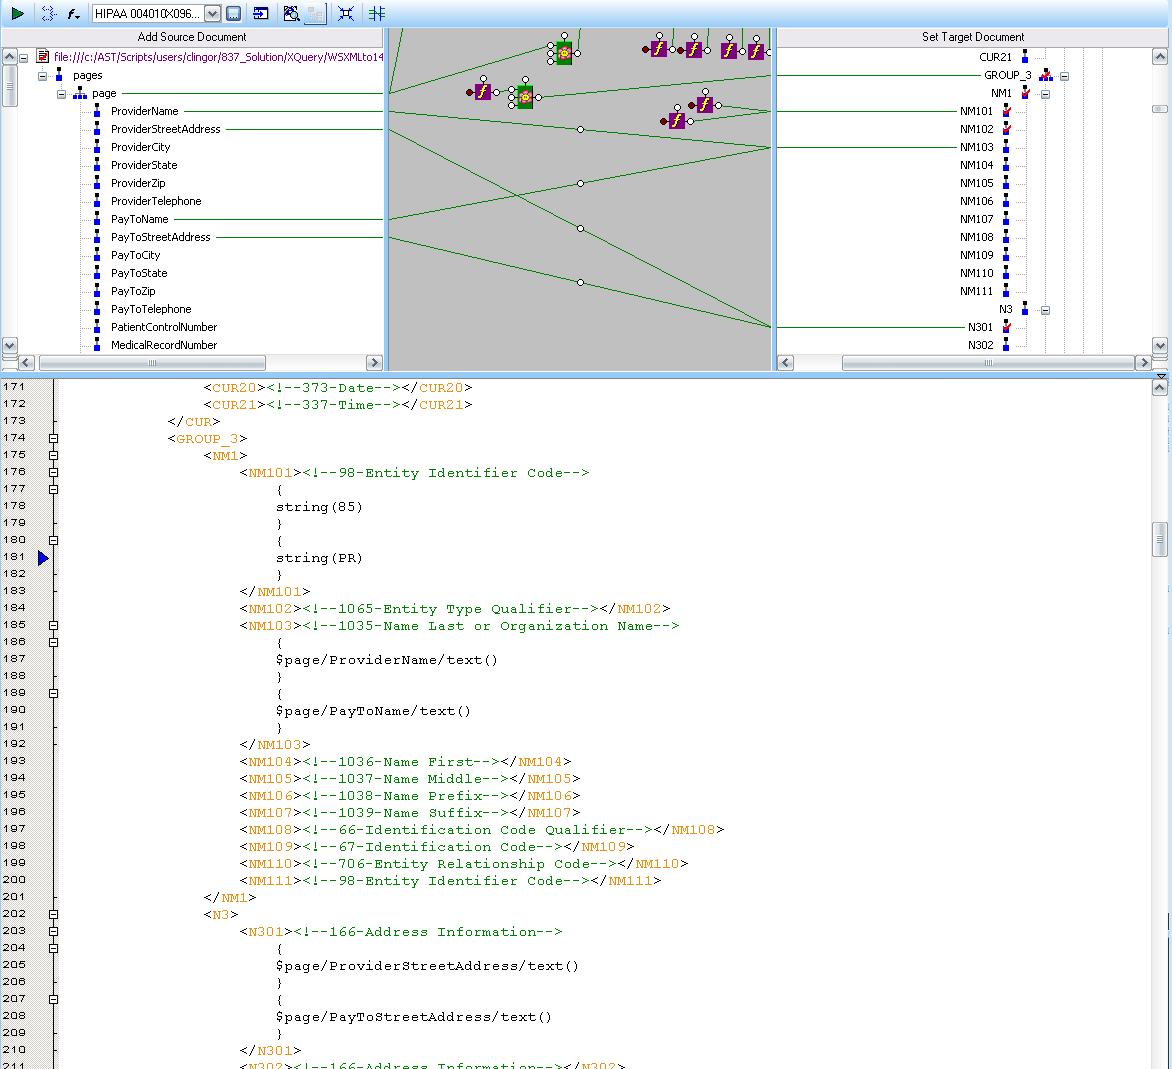 SSDN - XML to 837I EDI -- multiple NM1 segments